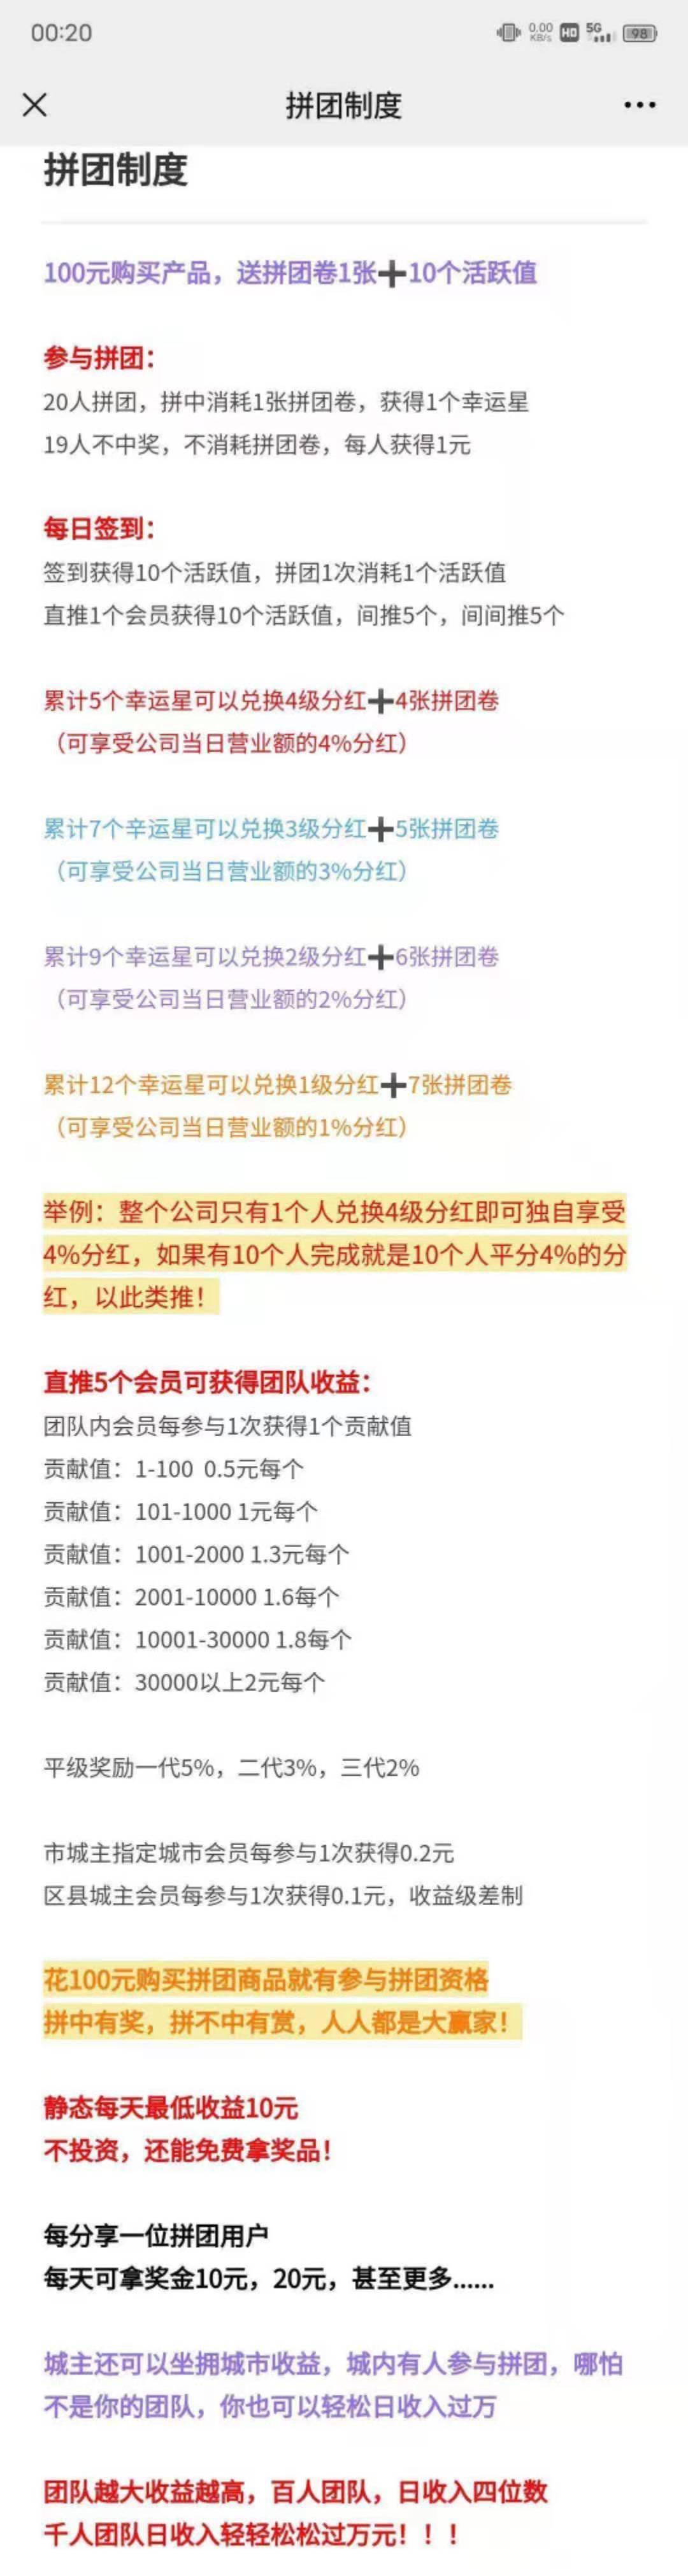 联通哇沃,每天拼团赚现金实物,已提现1000+ 薅羊毛 第4张